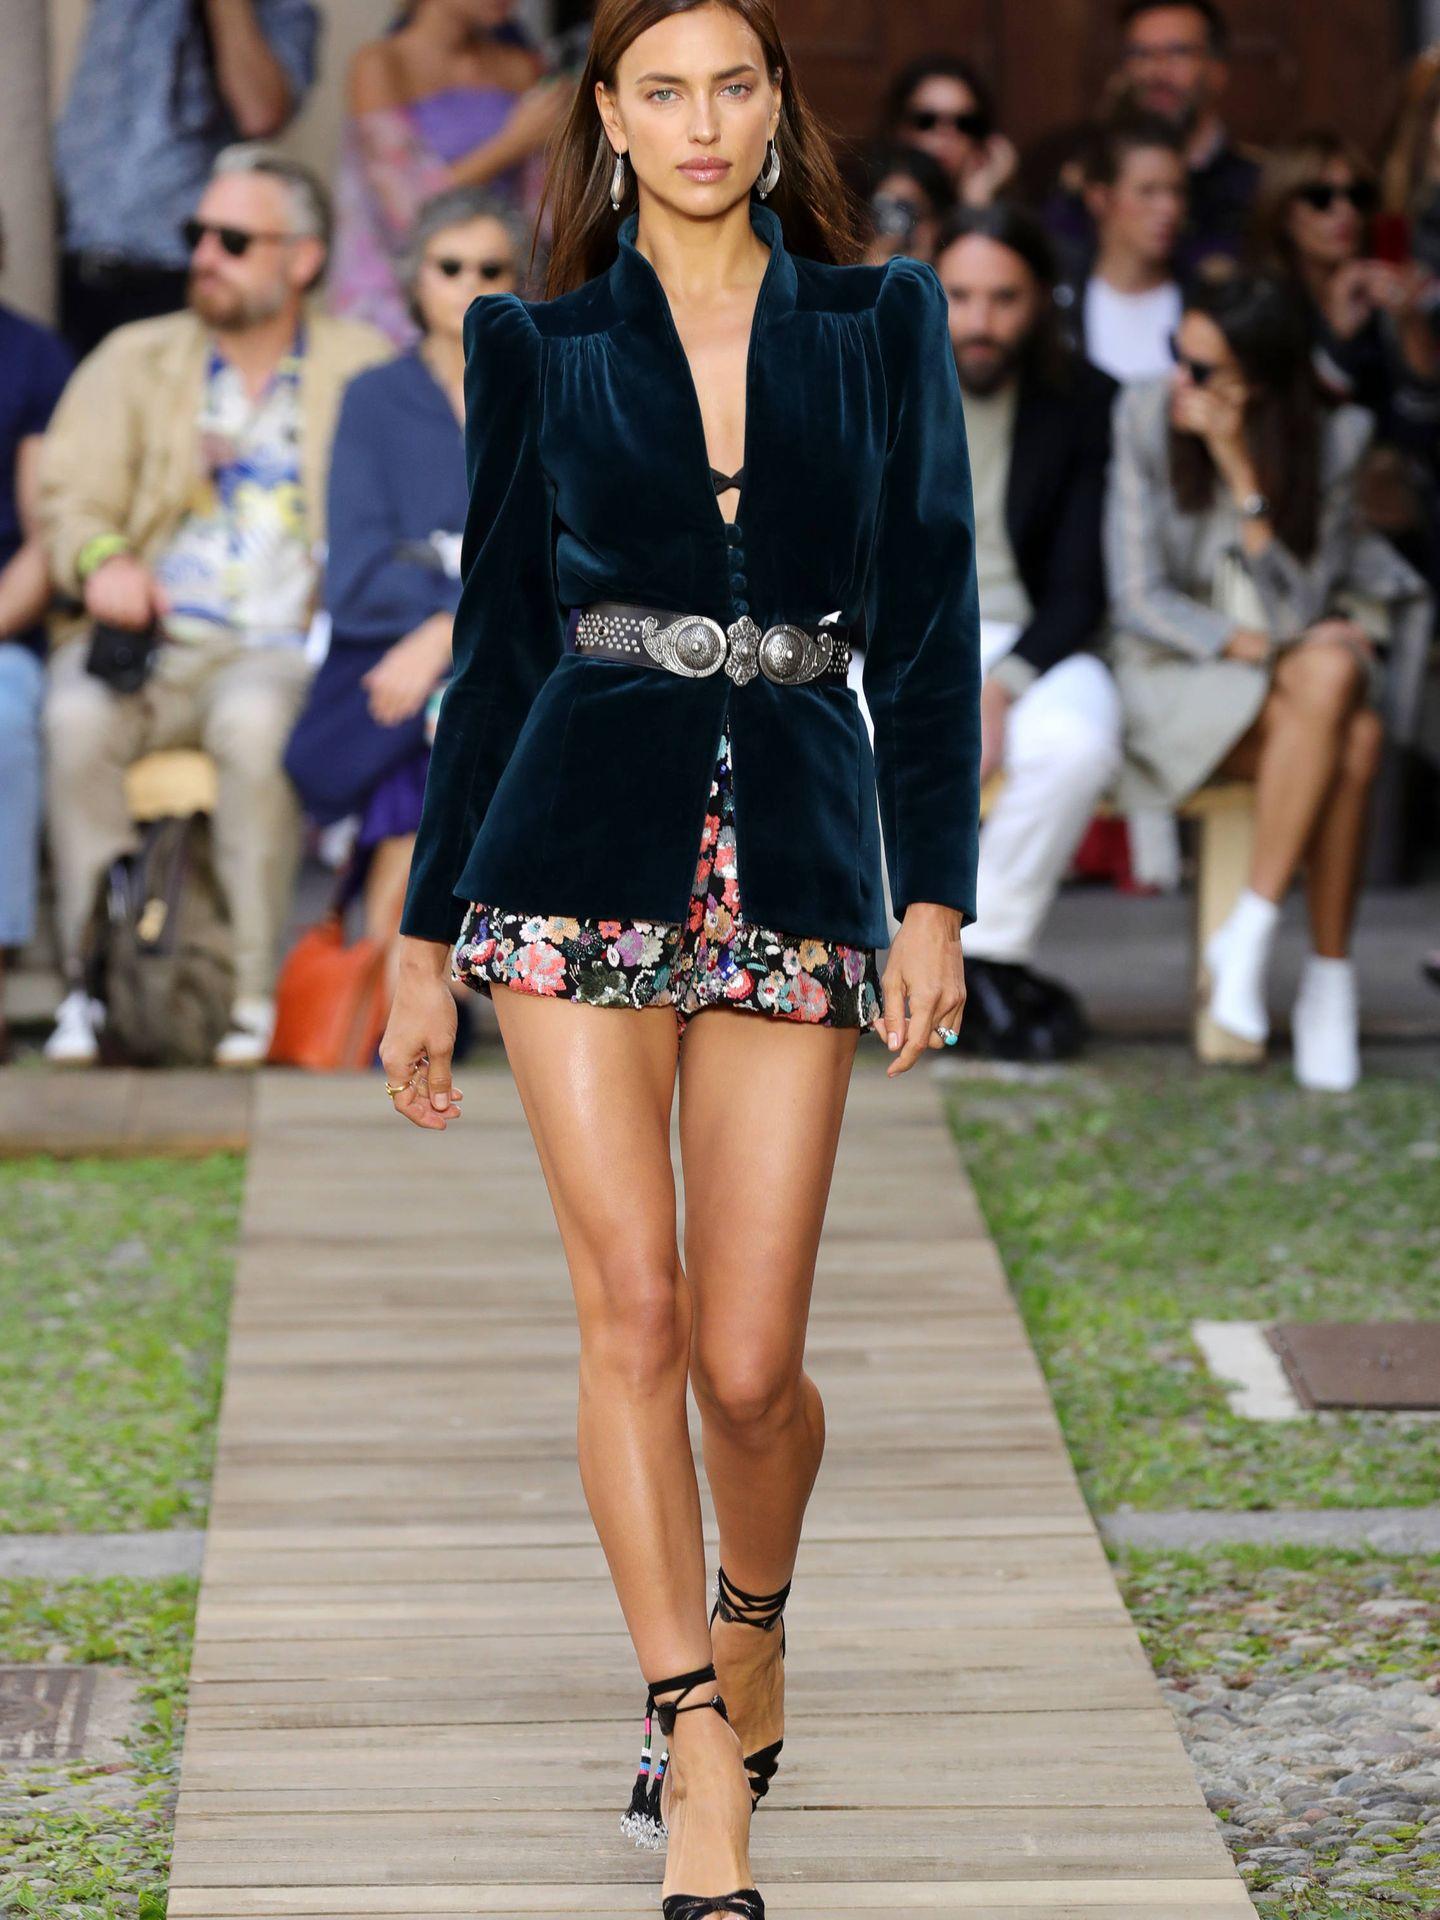 Las espectaculares piernas de Irina Shayk tonificadas, hidratadas y siempre bronceadas. (Getty)